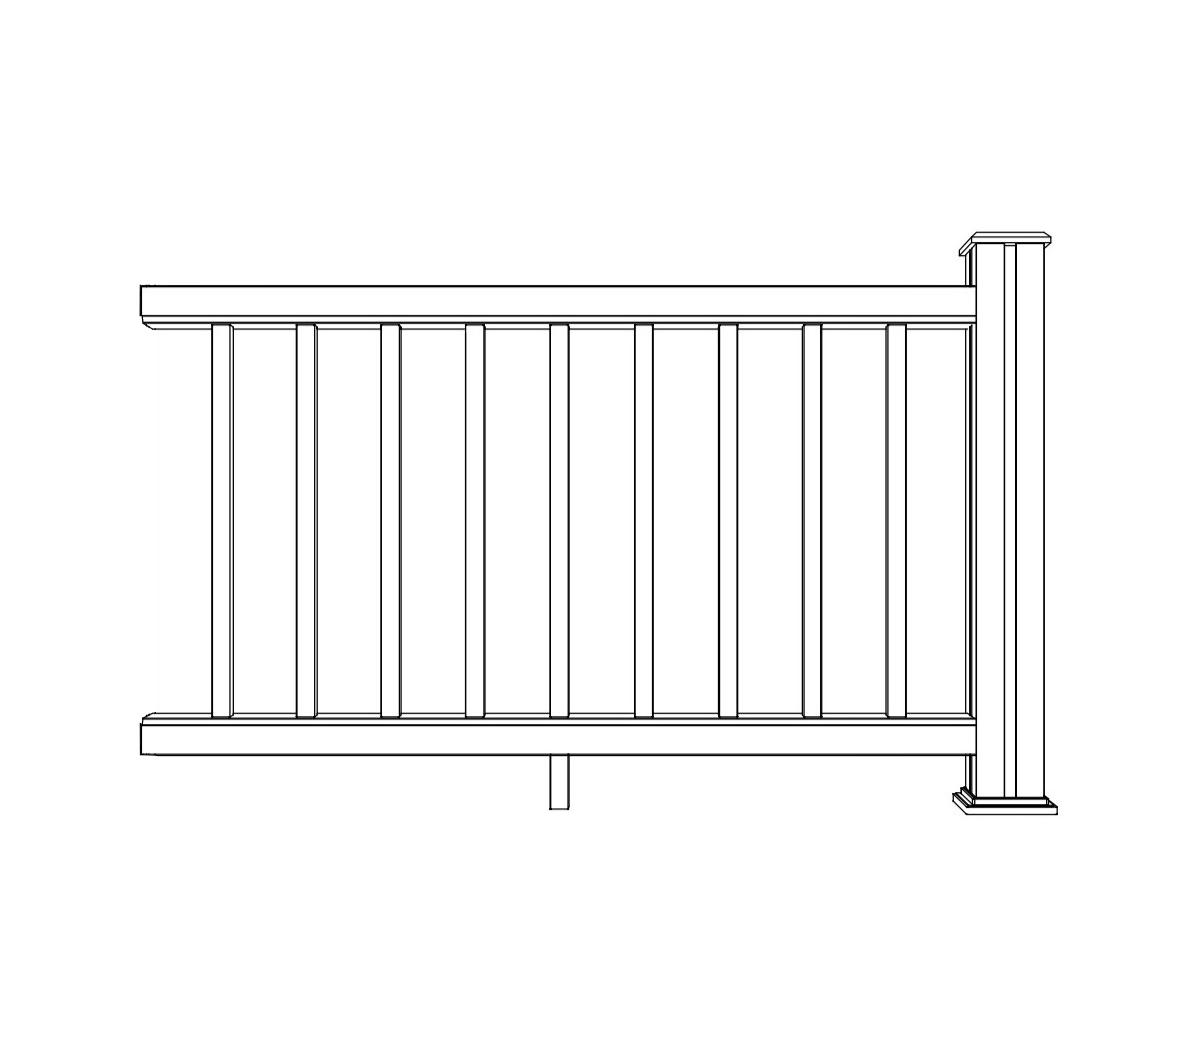 ritning på delsektion till staket